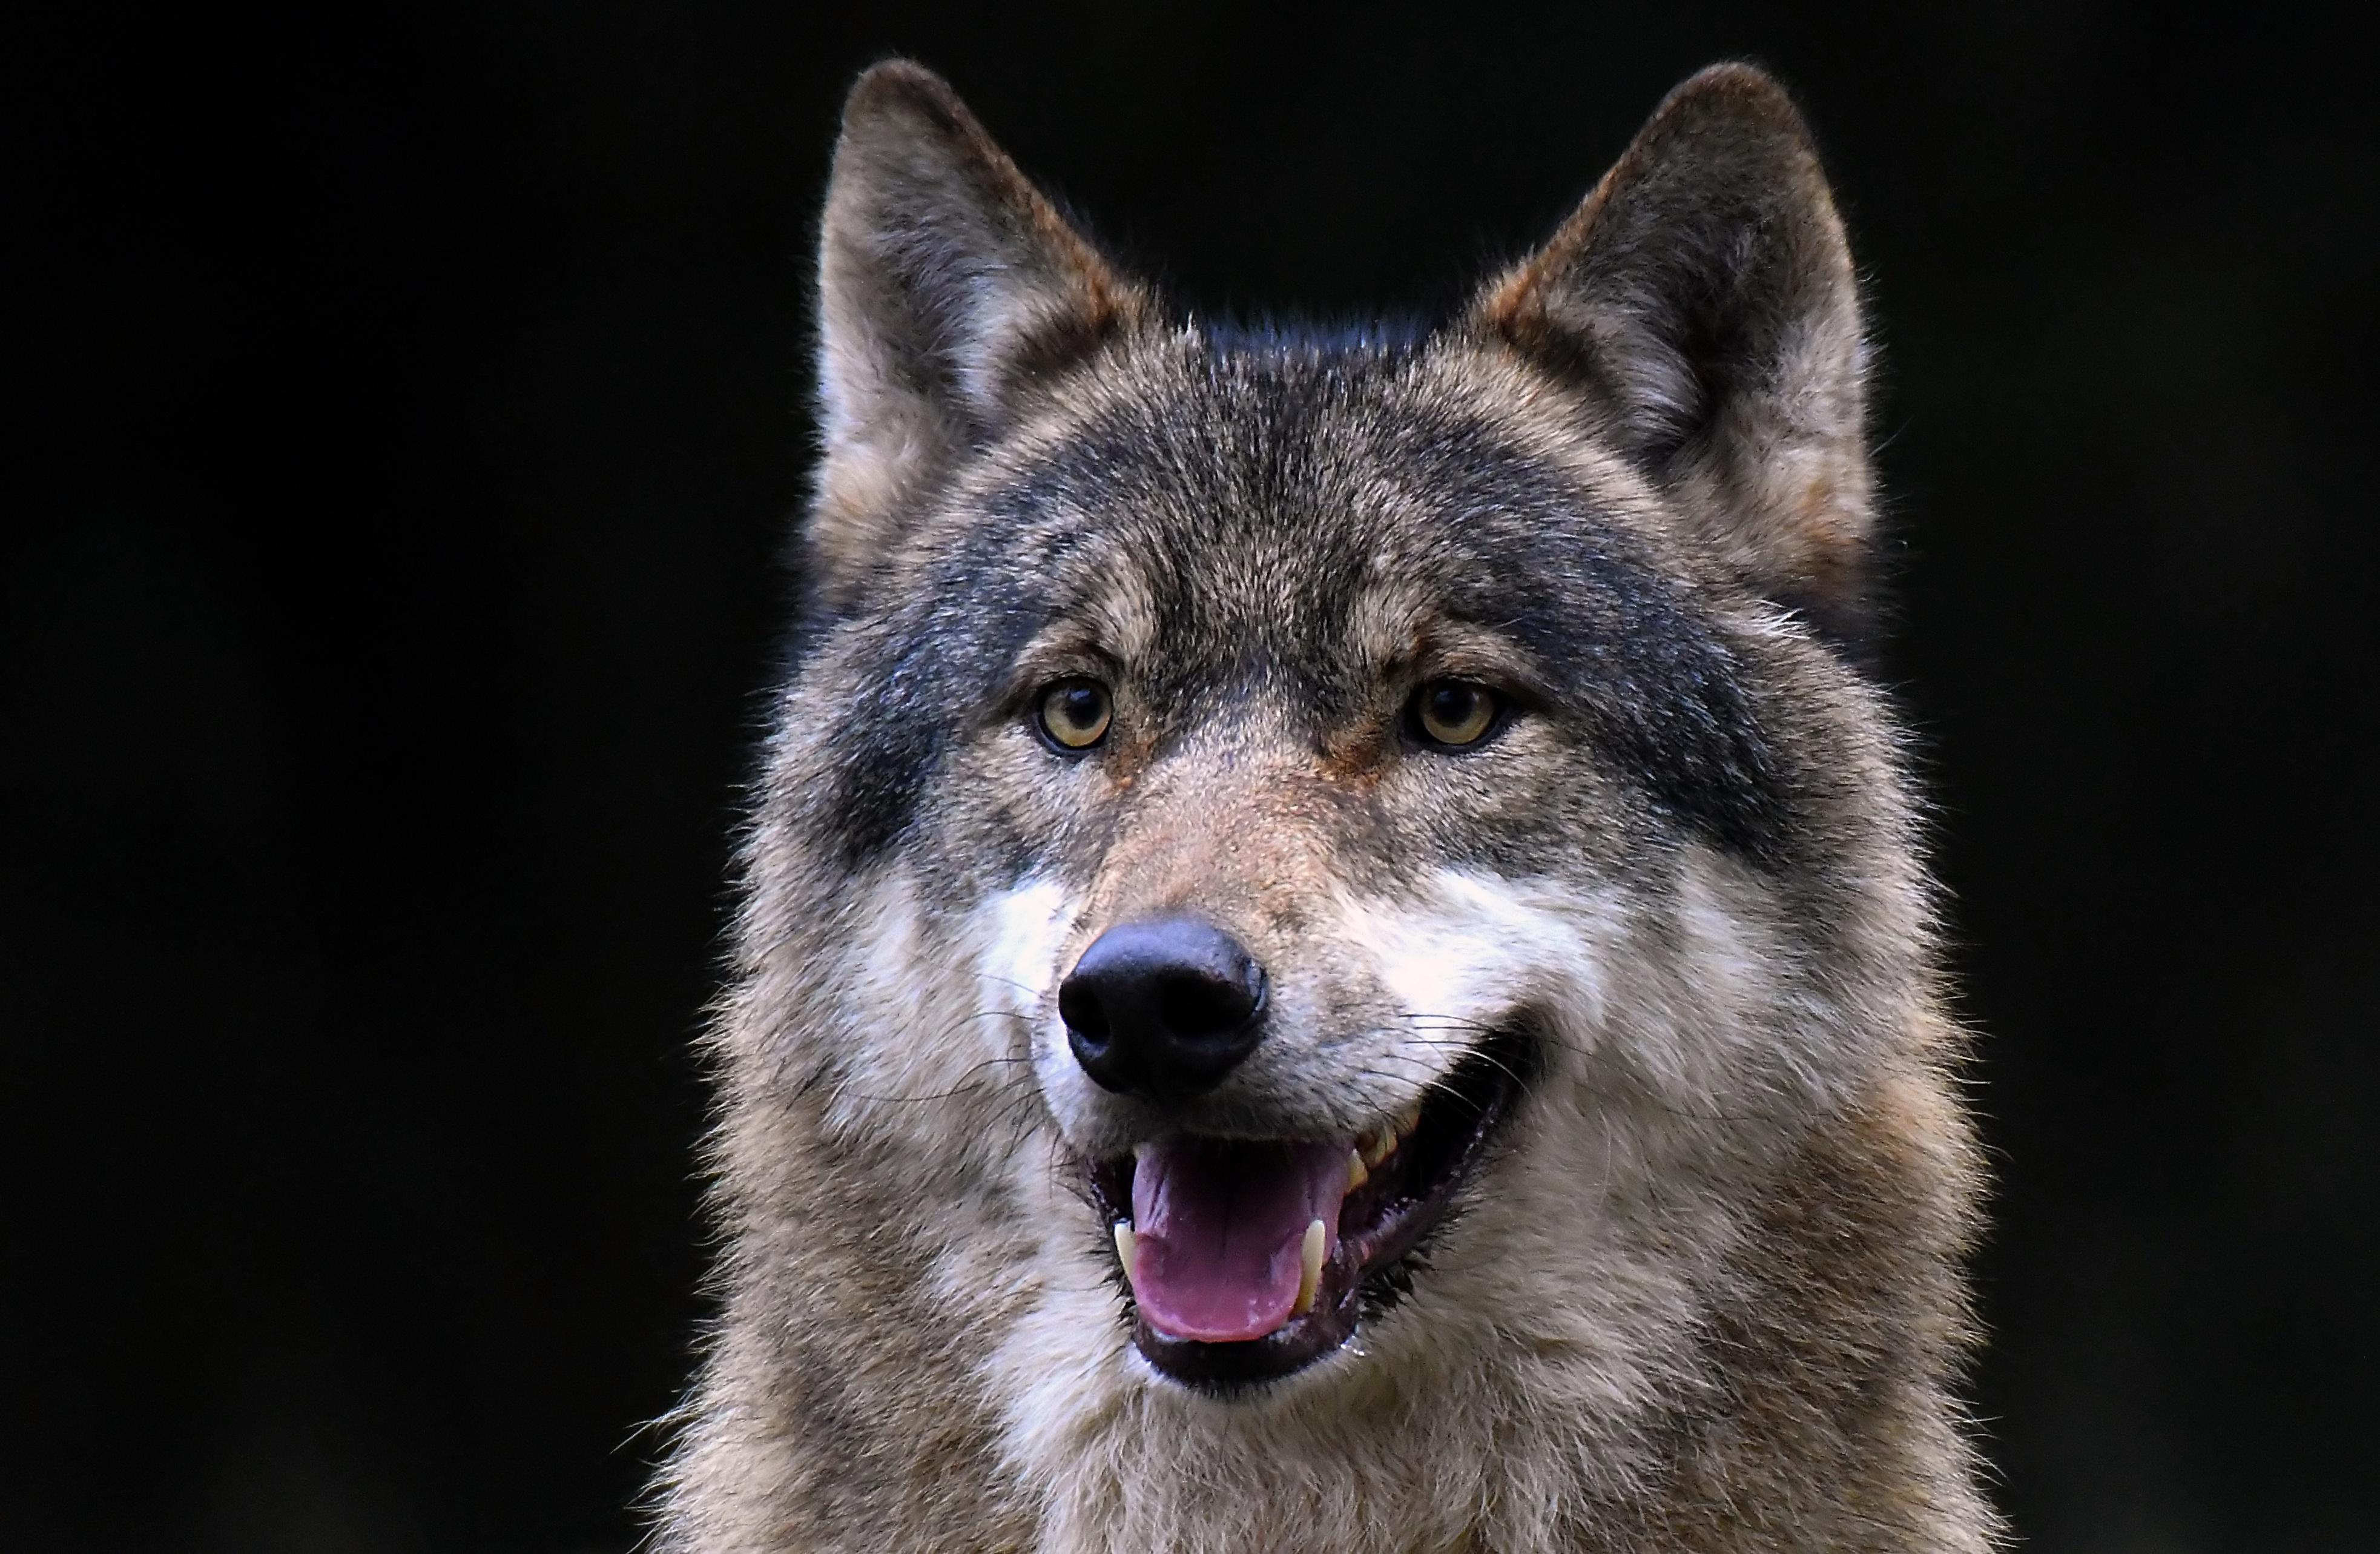 картинки на рабочий стол оскал волка первый